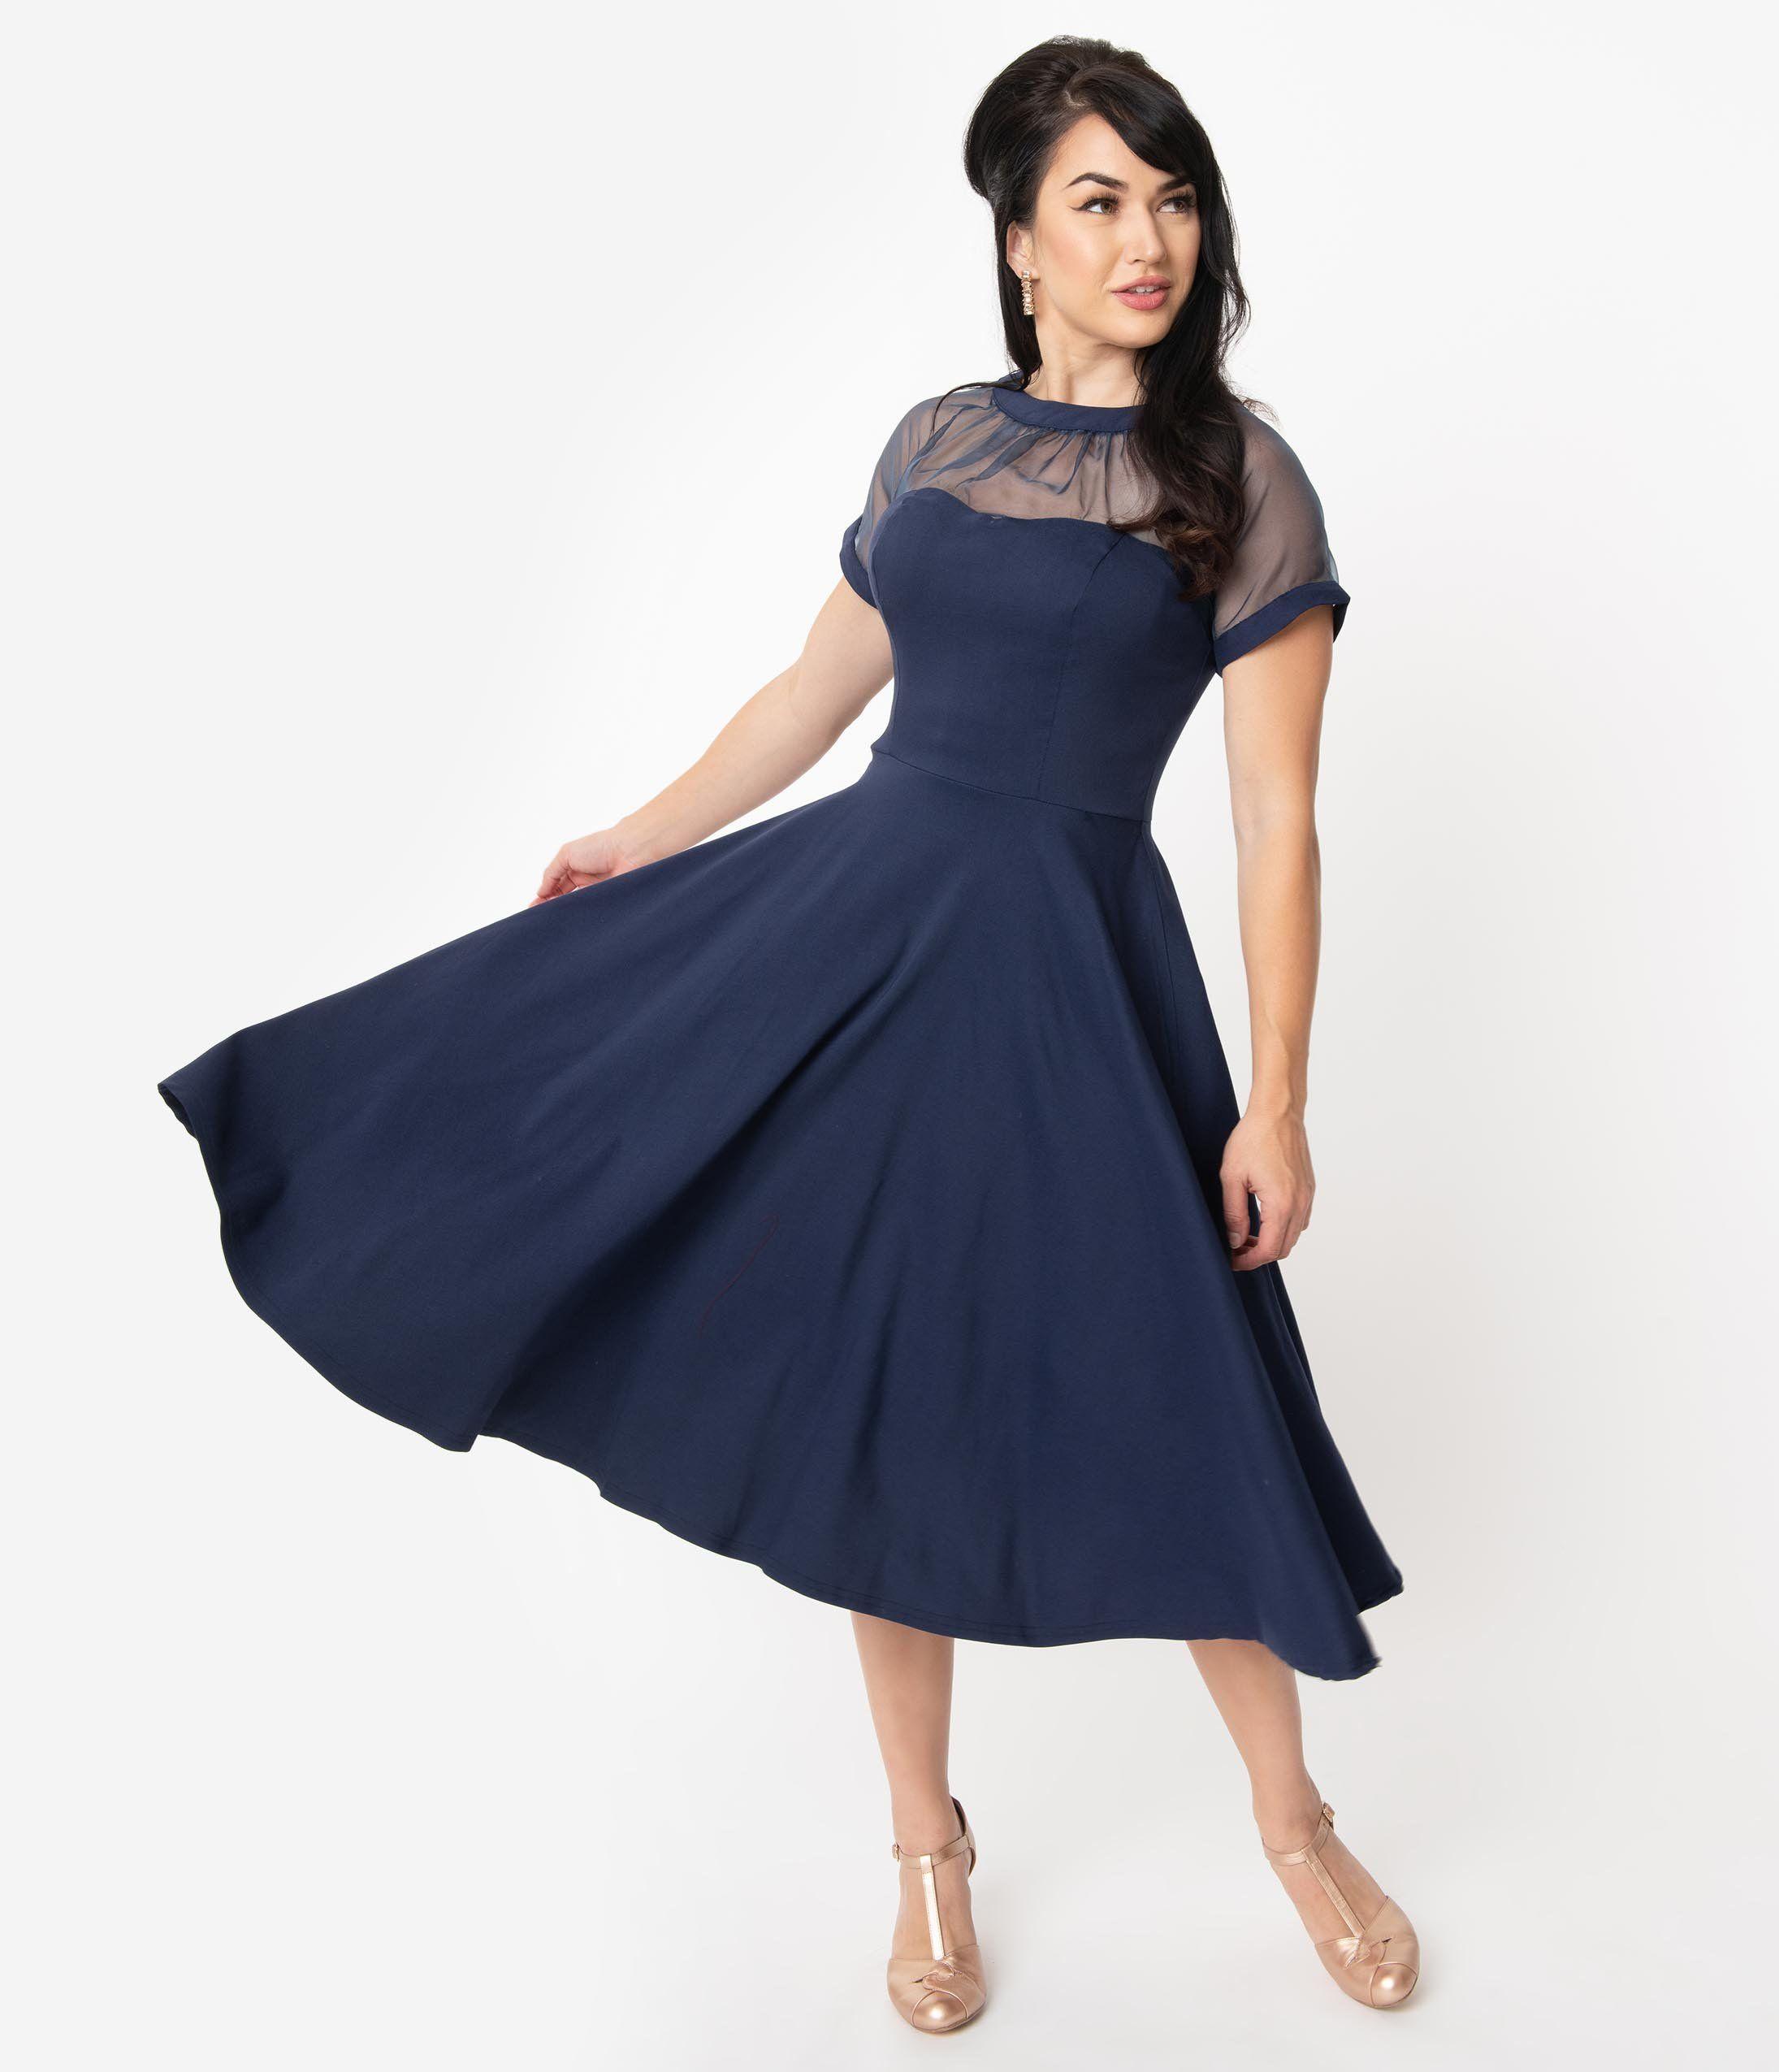 1950s Cocktail Dresses Party Dresses 1950s Cocktail Dress Blue Dress Outfits Dresses [ 2550 x 2190 Pixel ]